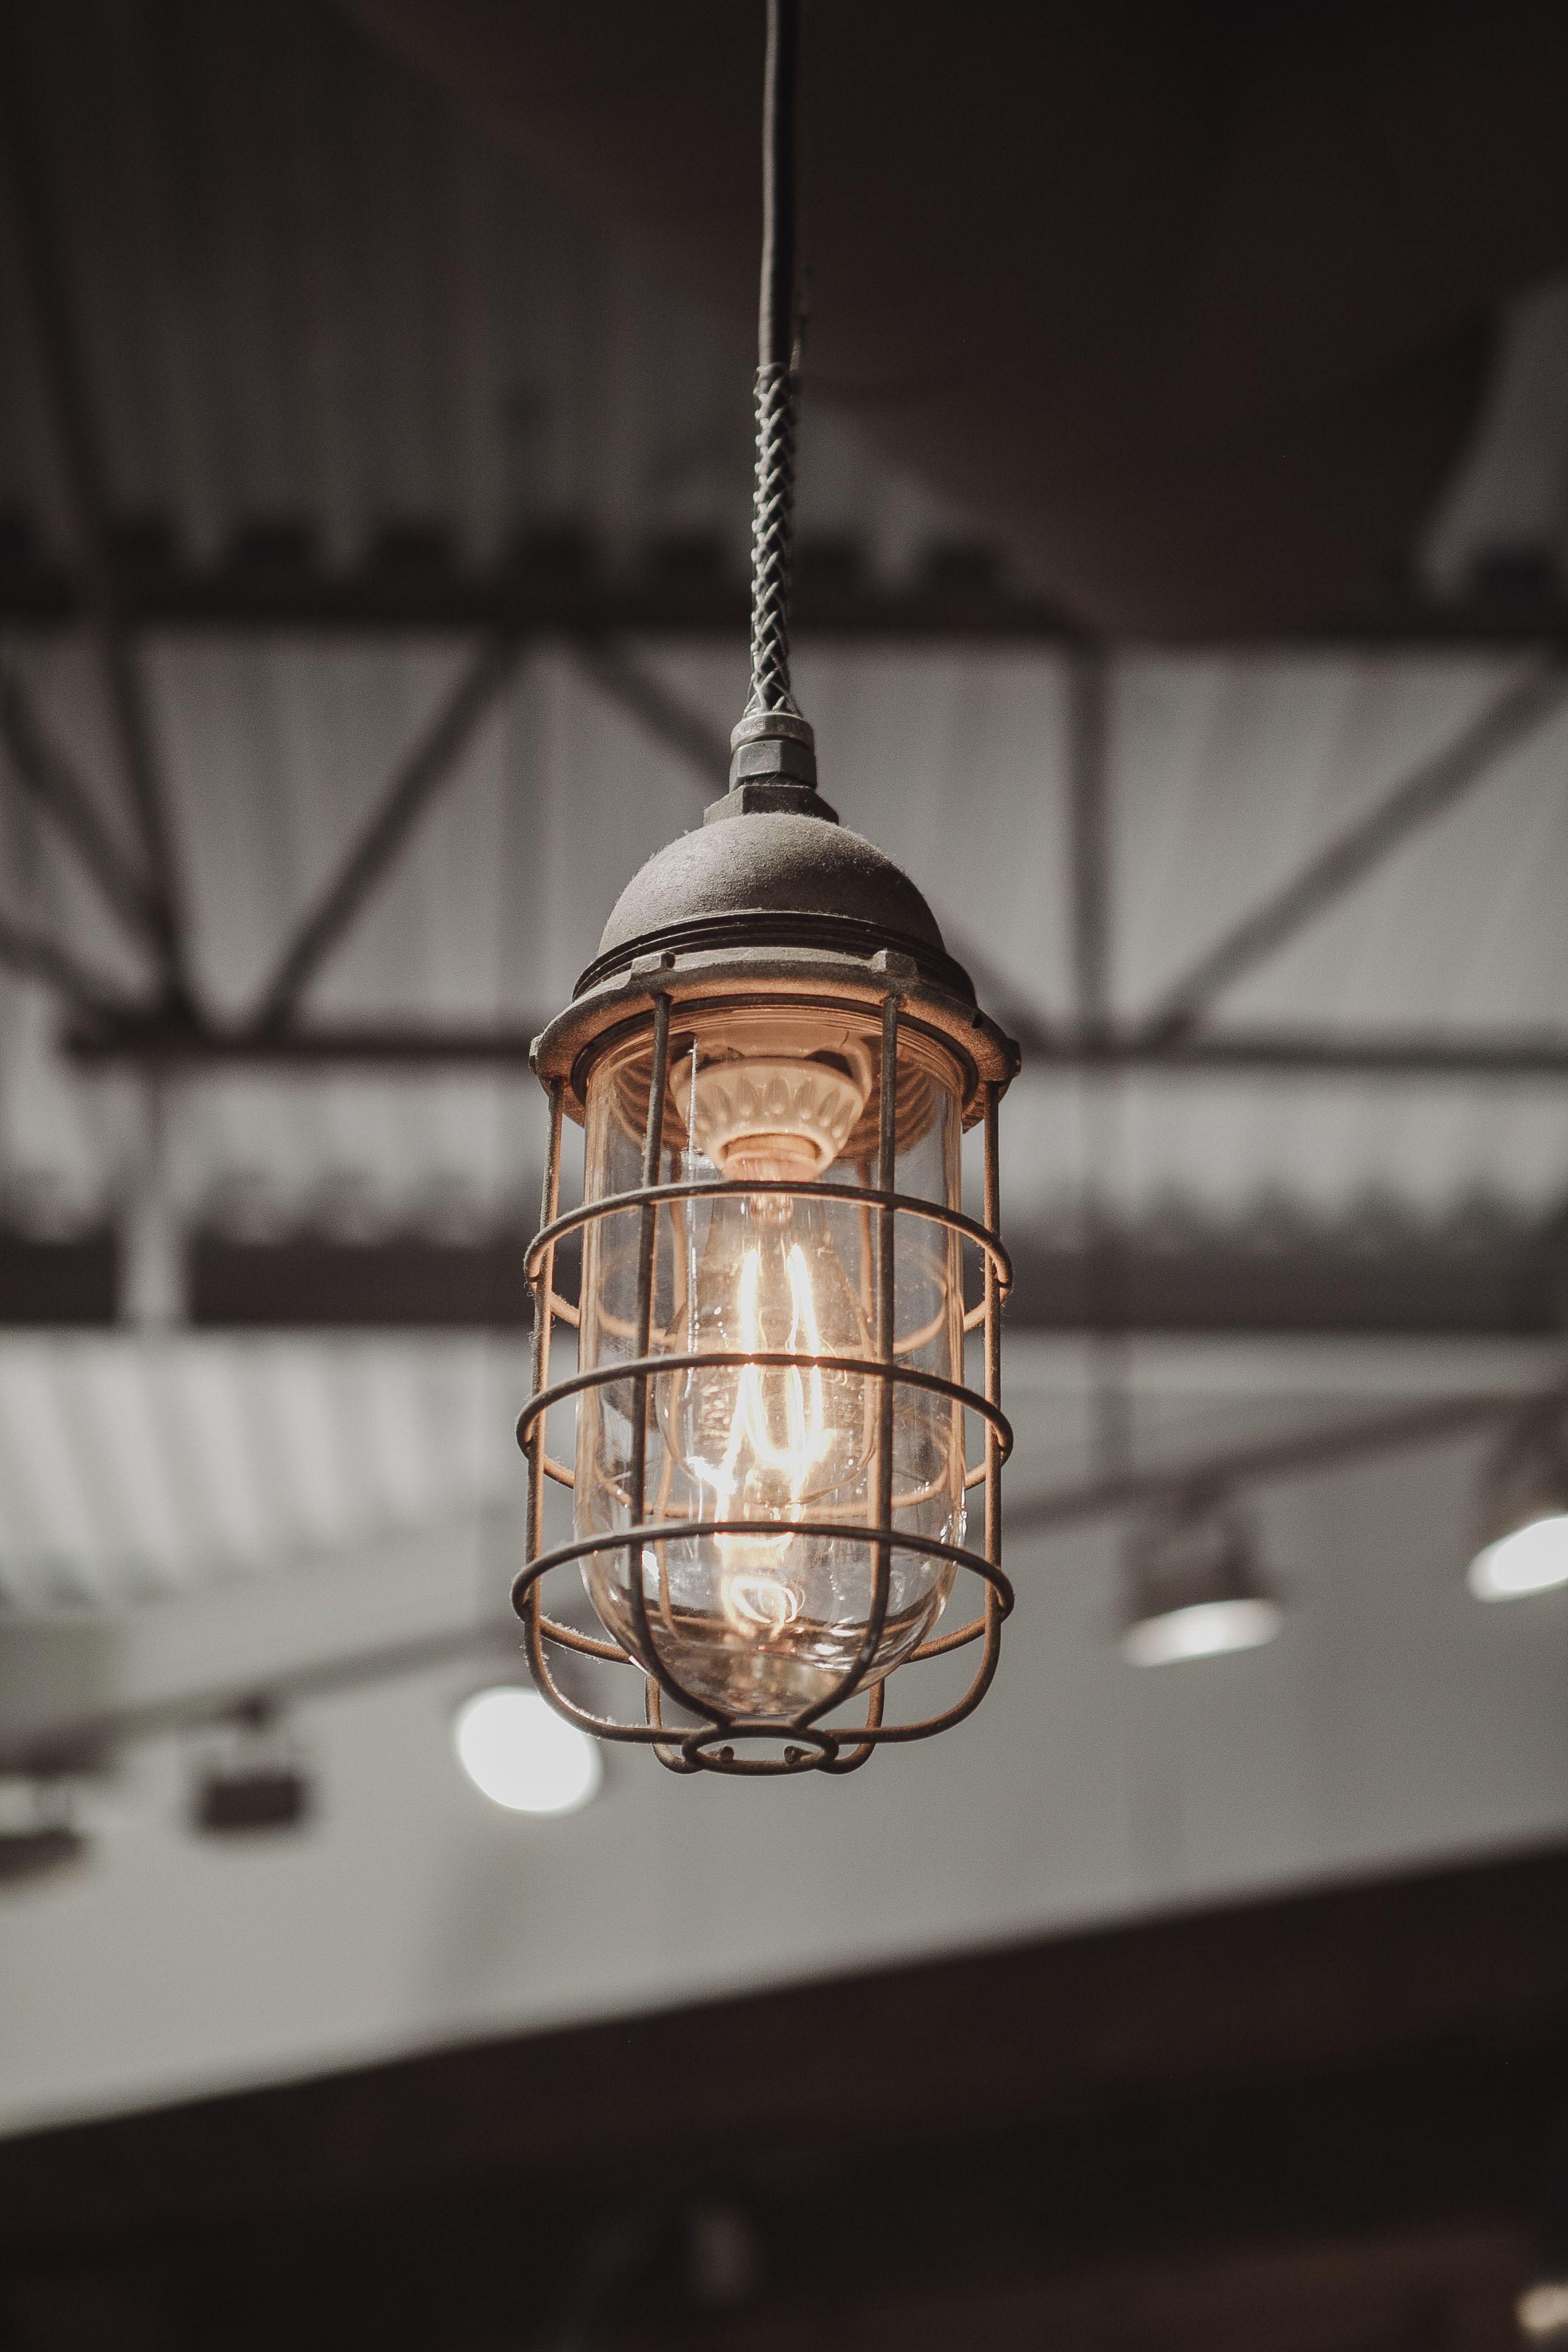 Explosion proof cage light • #interiors #menswear #shop #boutique #antique #scottandon #architecture #vintage #design